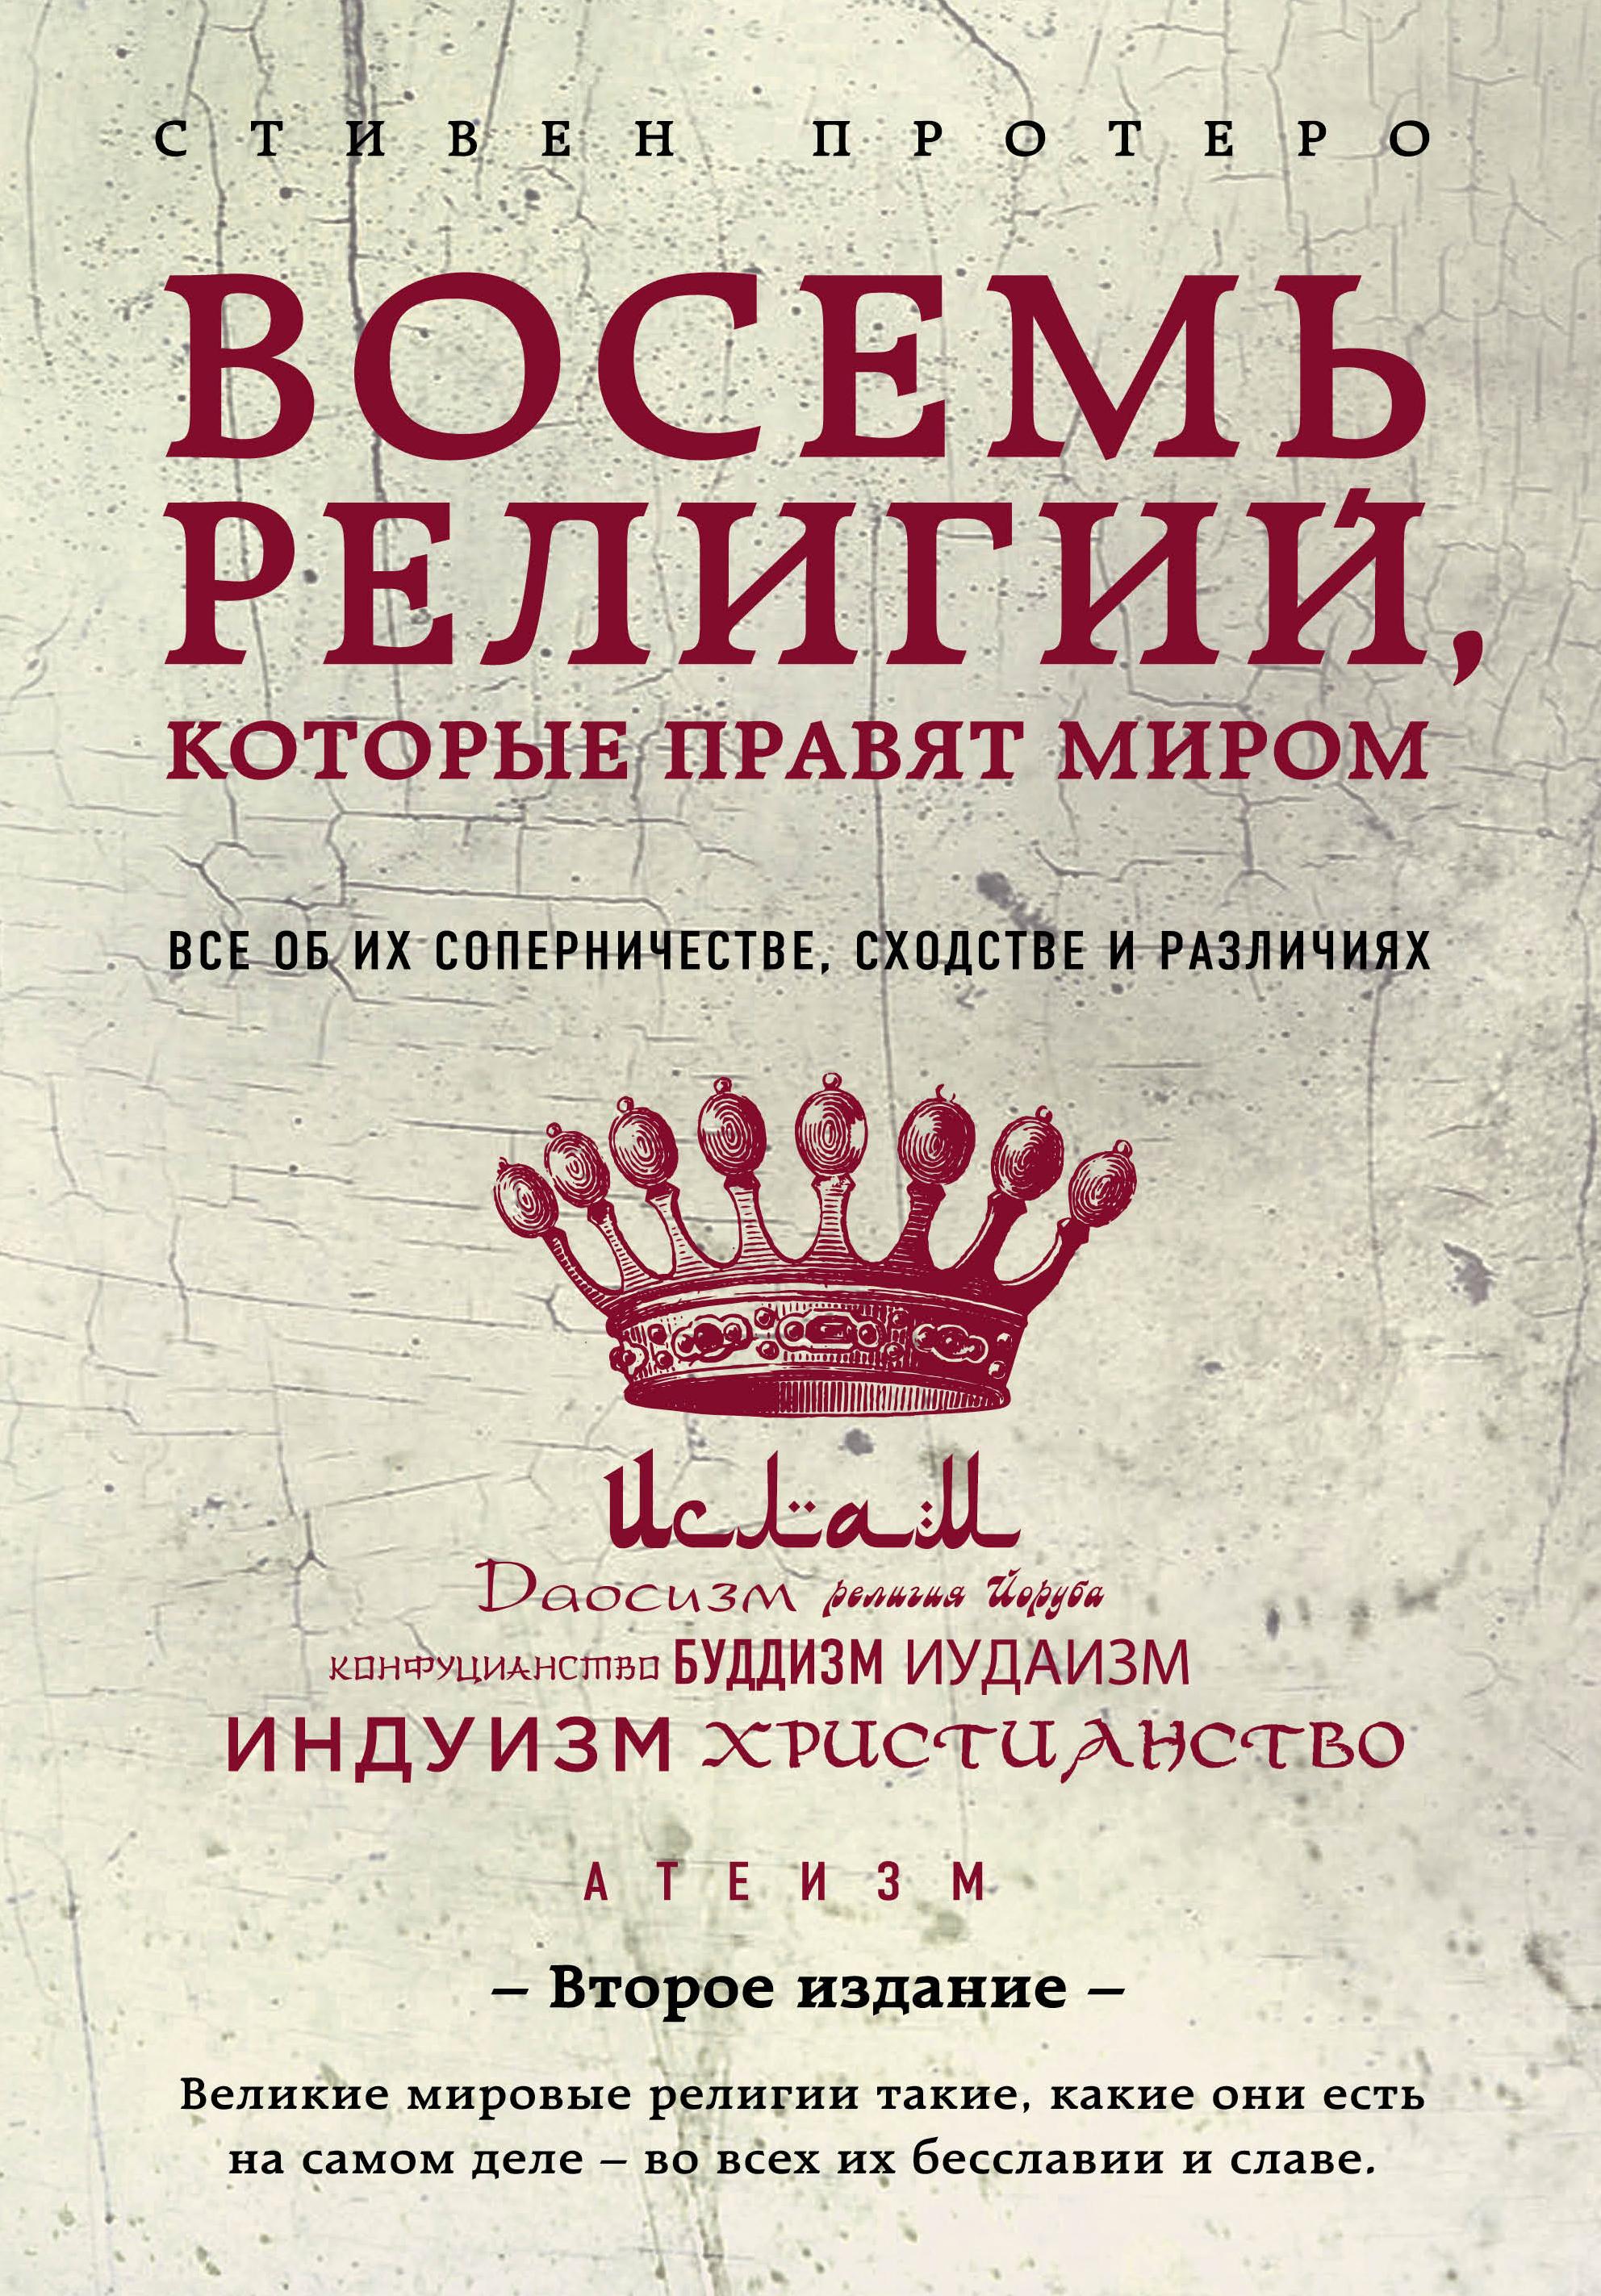 Восемь религий, которые правят миром: Все об их соперничестве, сходстве и различиях (2-е издание)